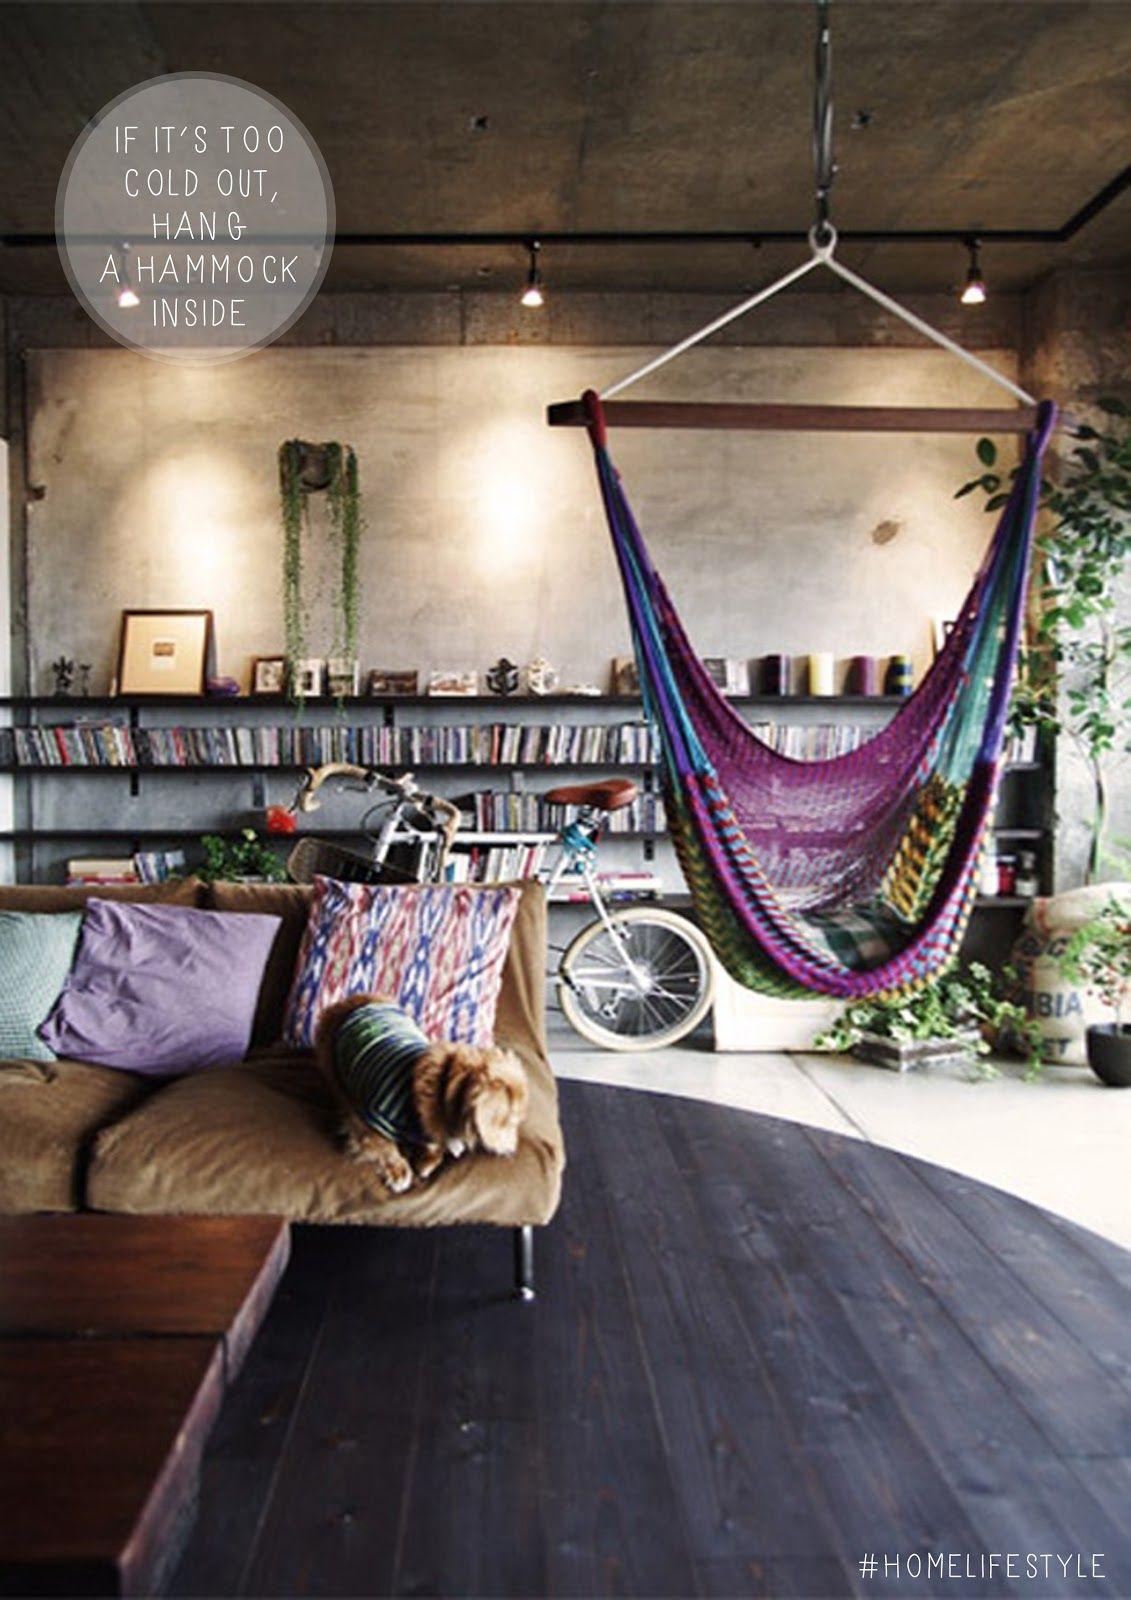 Indoor hammock styling recipe indoor hammocks indoor hammock